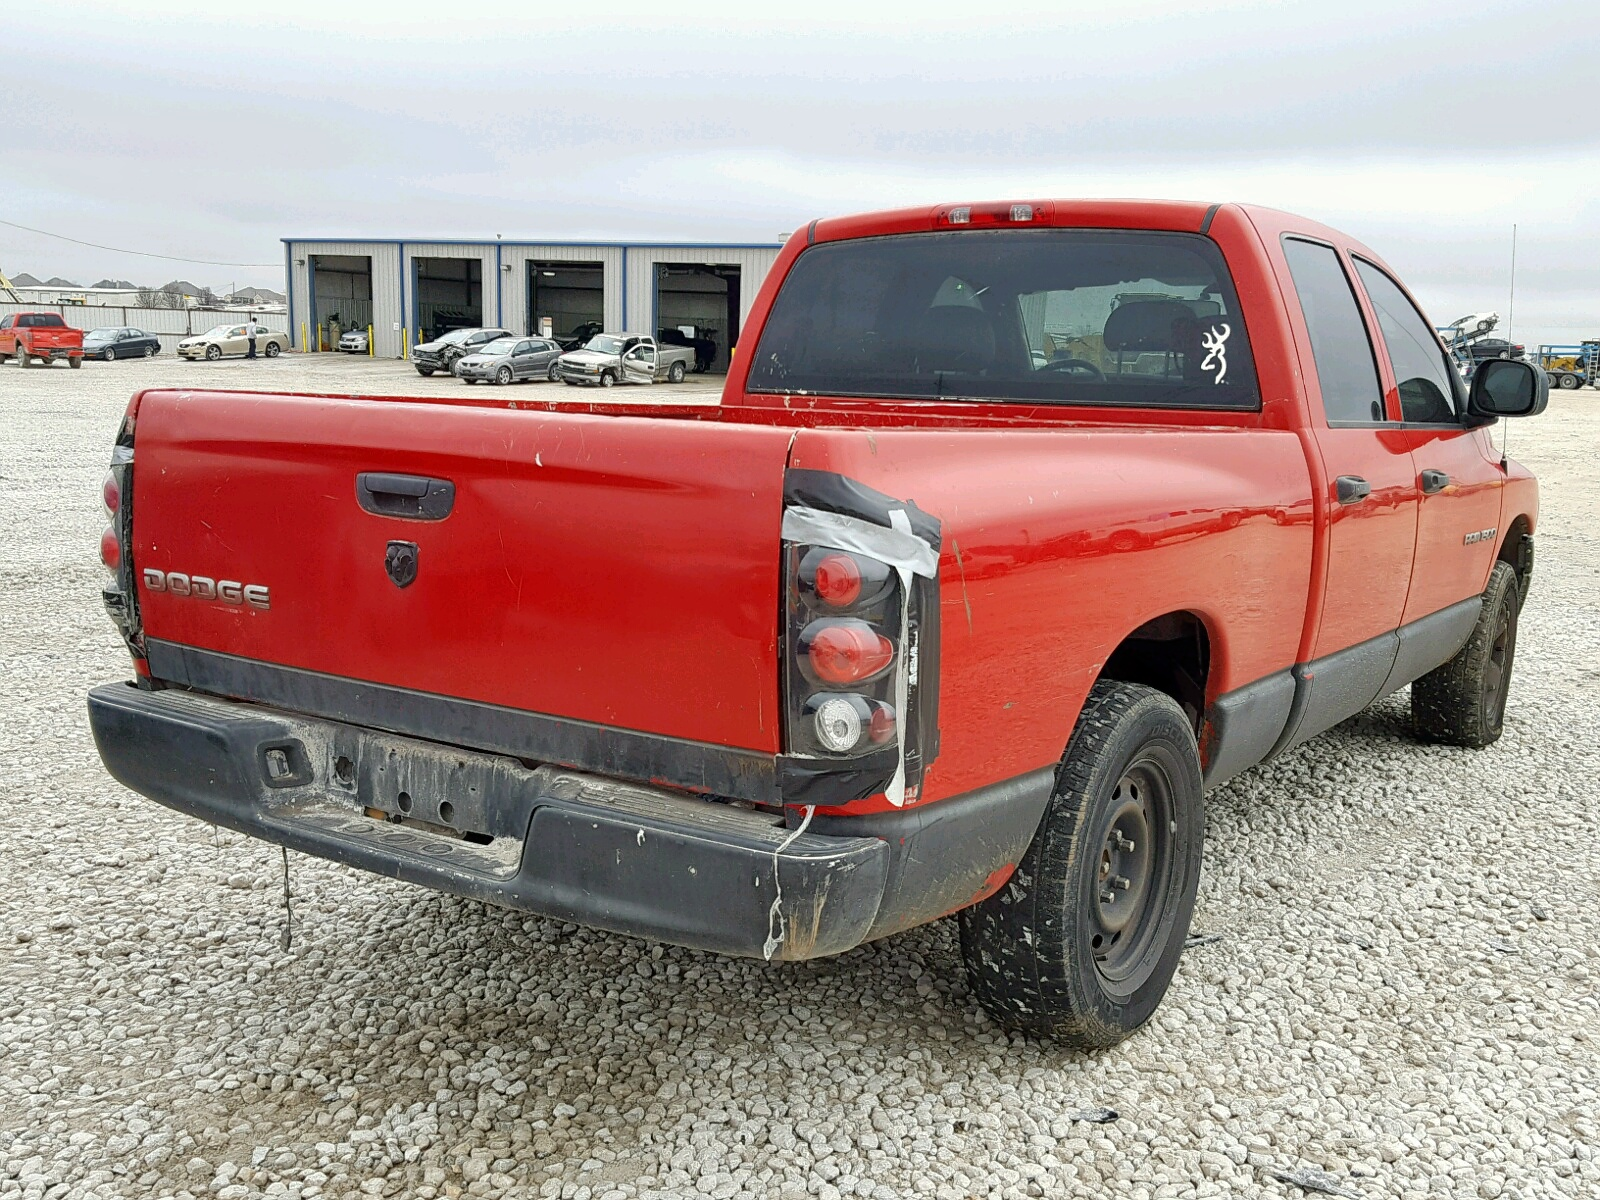 1D7HA18N64J135754 - 2004 Dodge Ram 1500 S 4.7L rear view